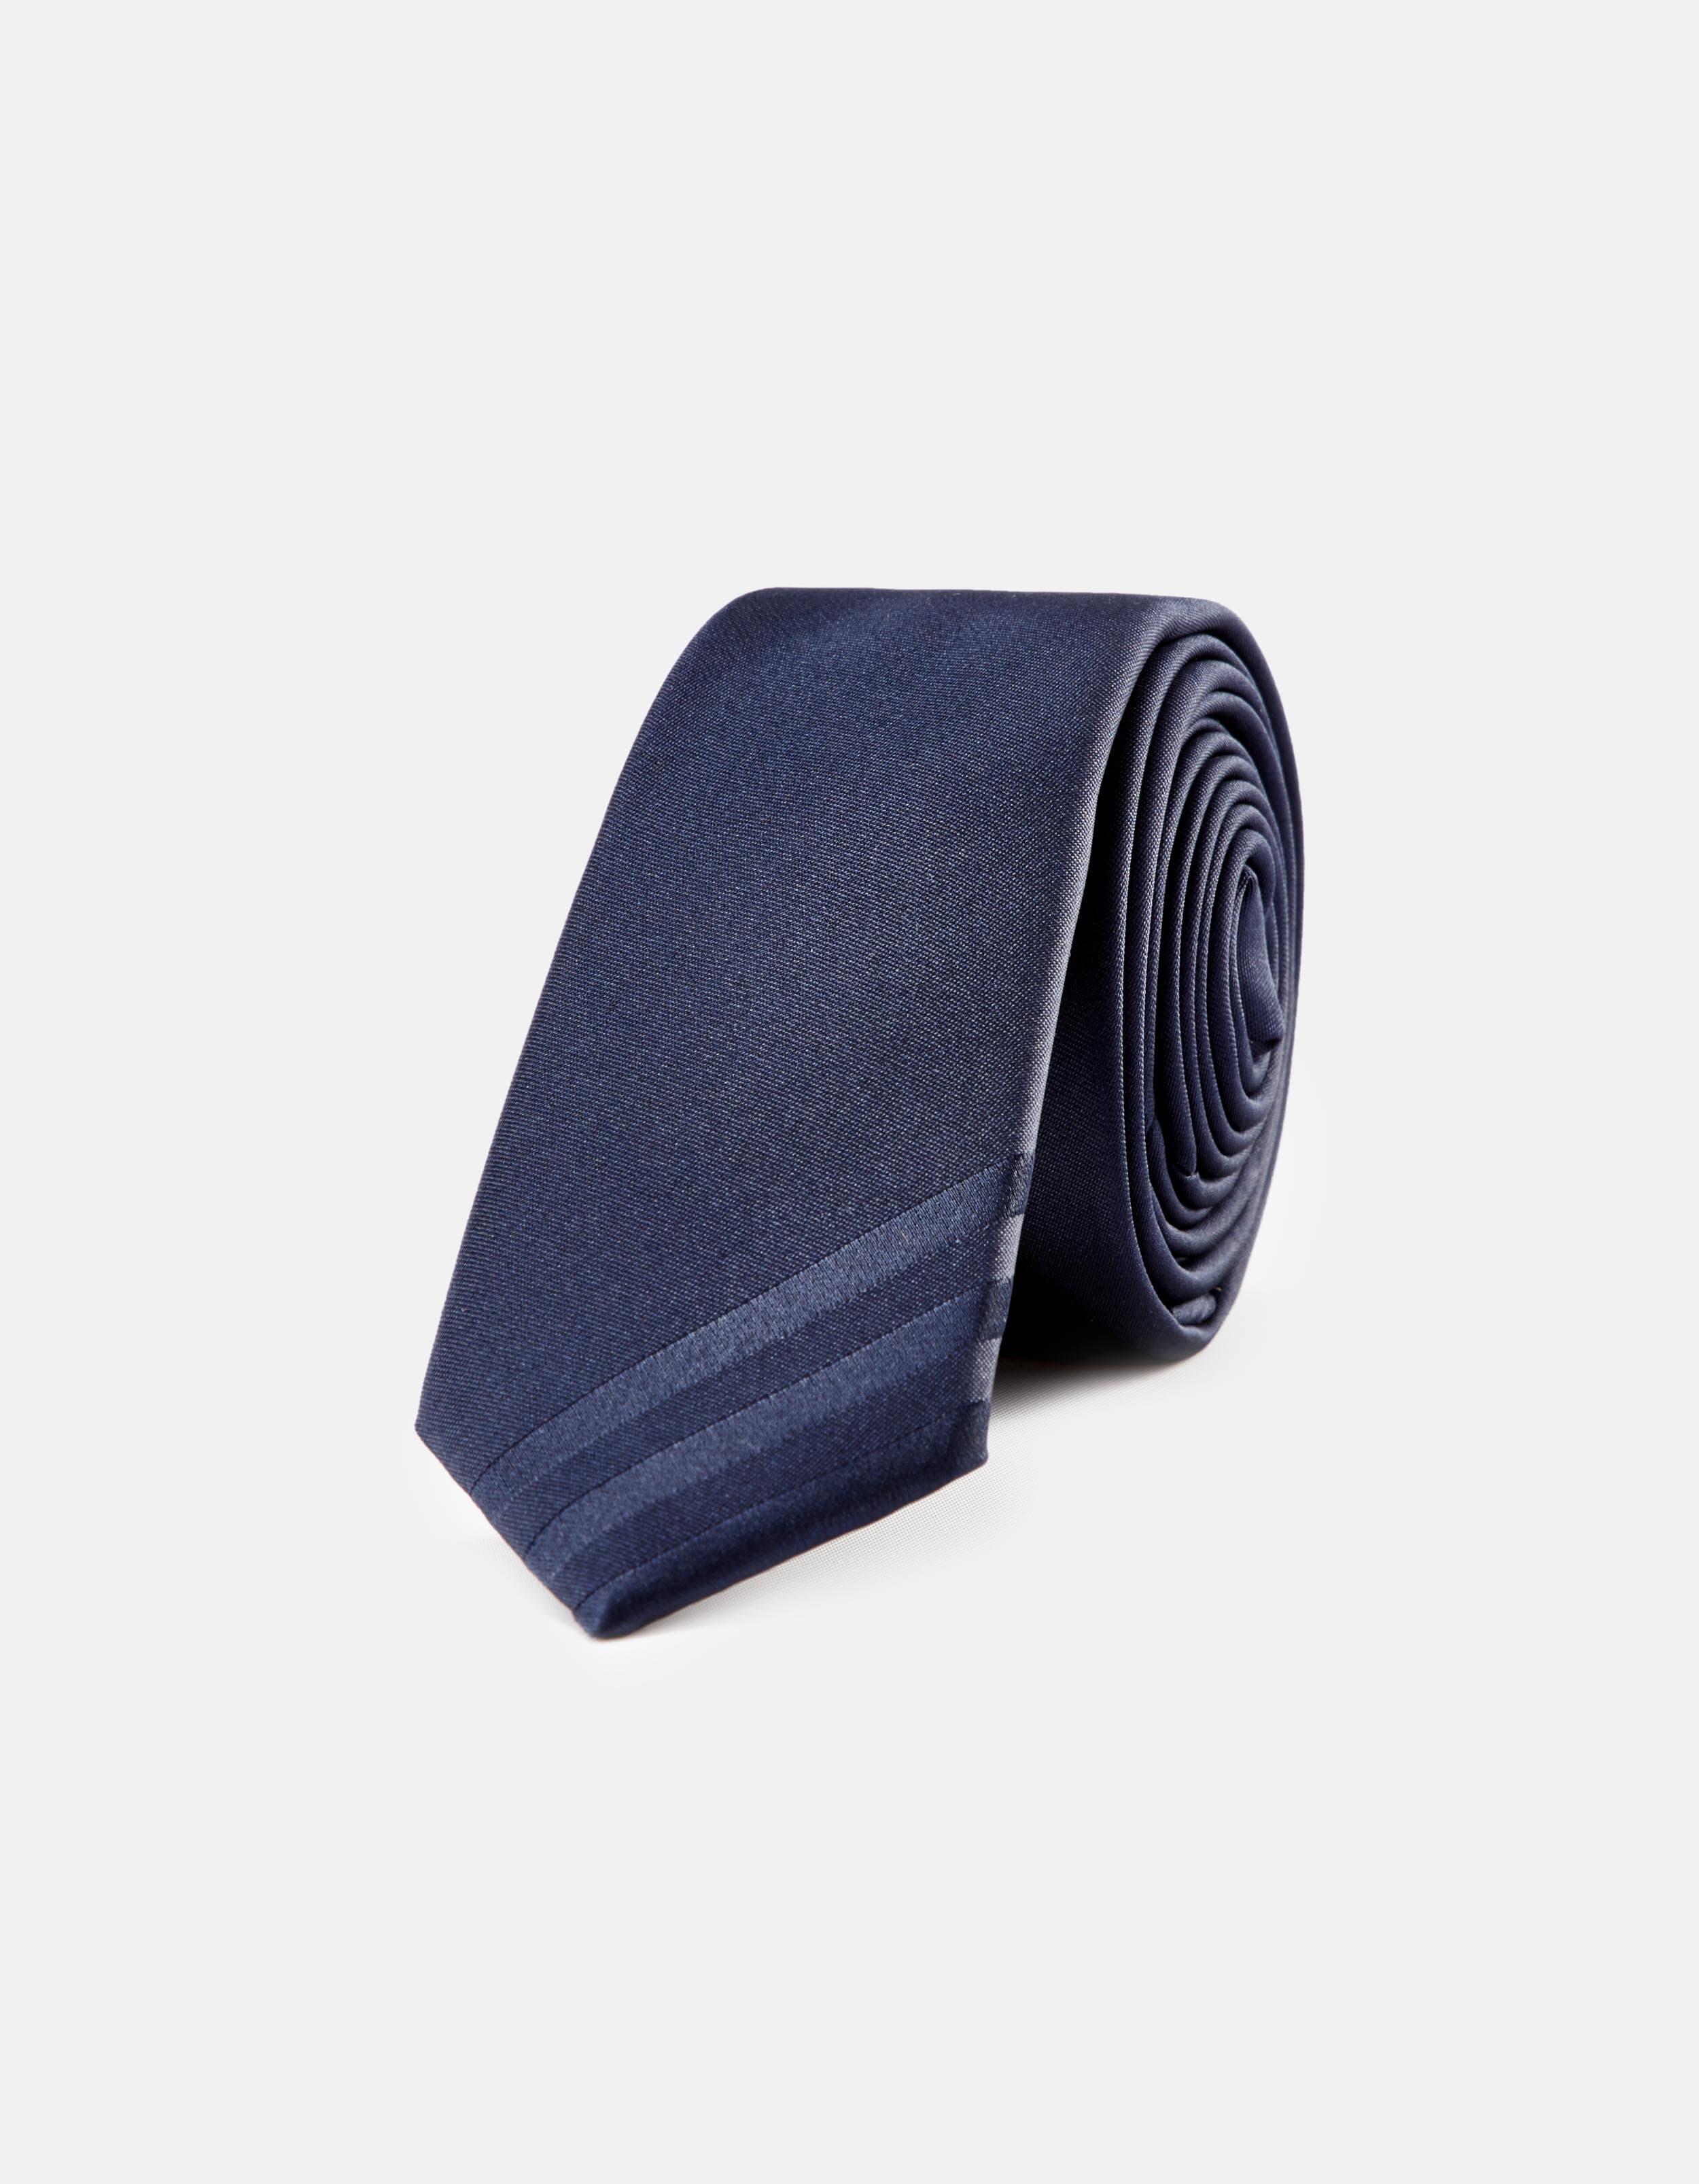 cravate de cérémonie en satin Celio Club Prix 25,99 €